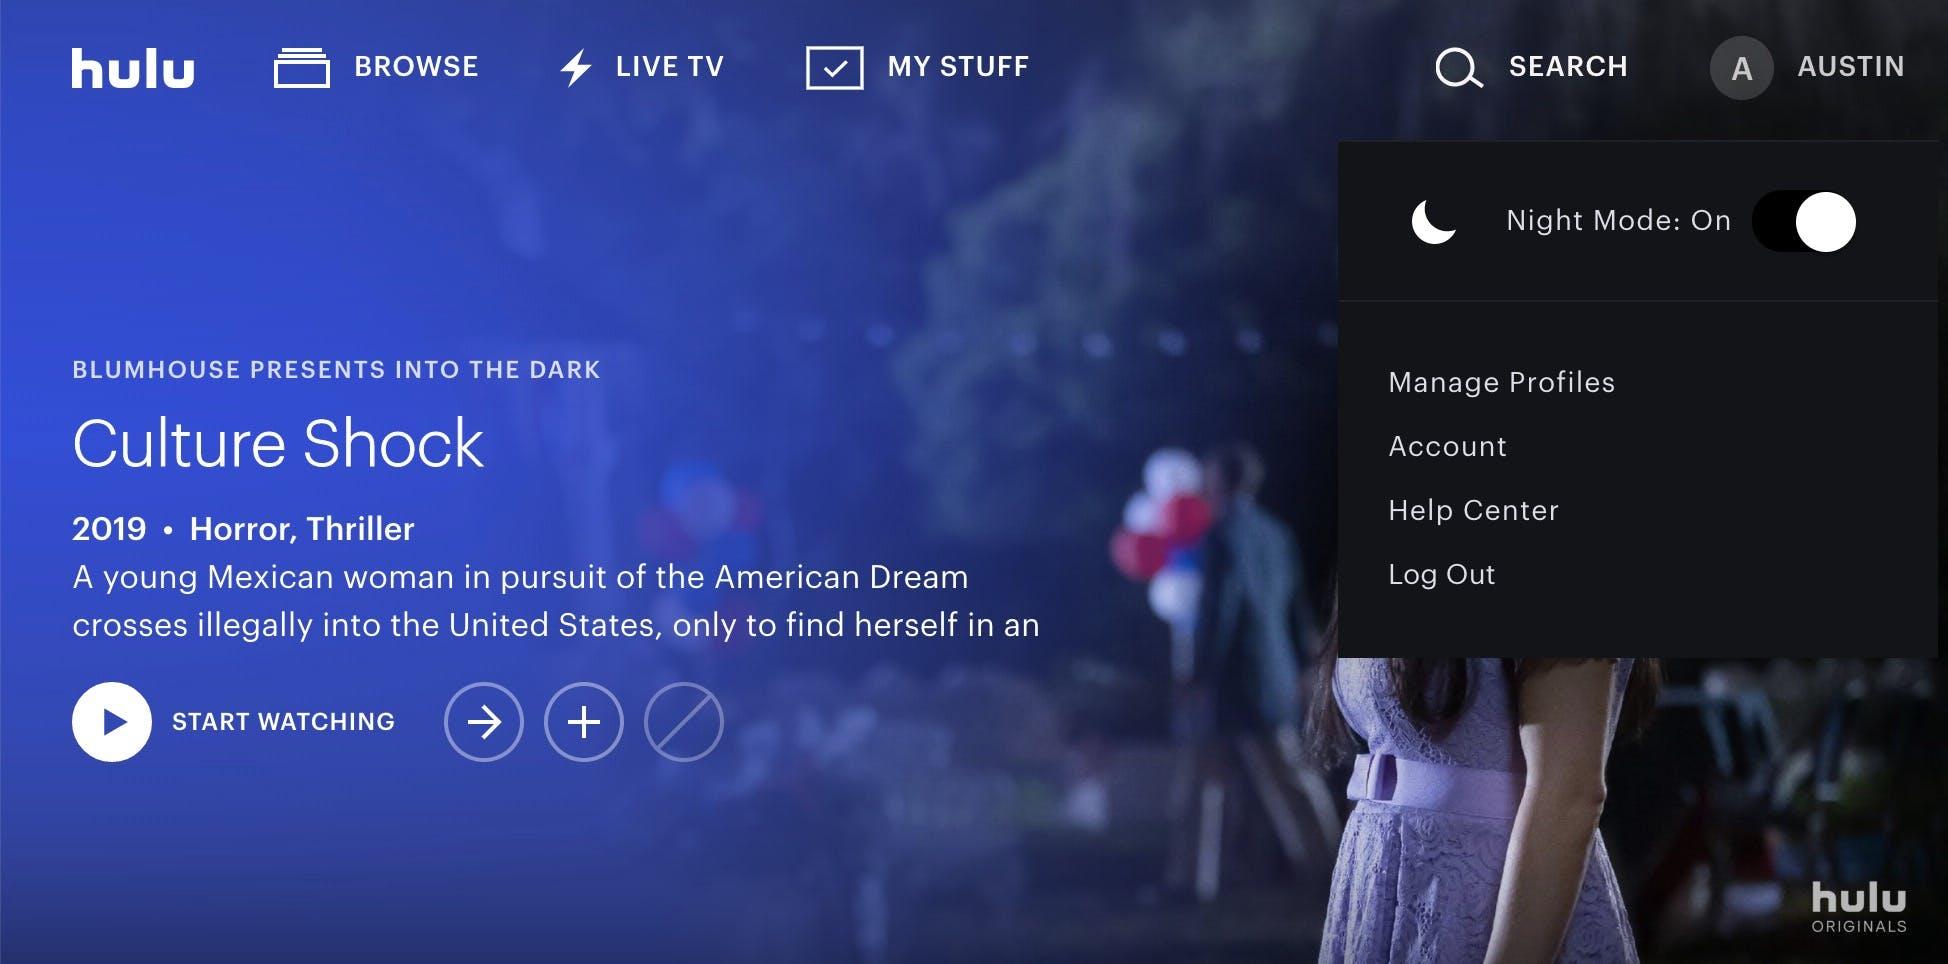 hulu review night mode